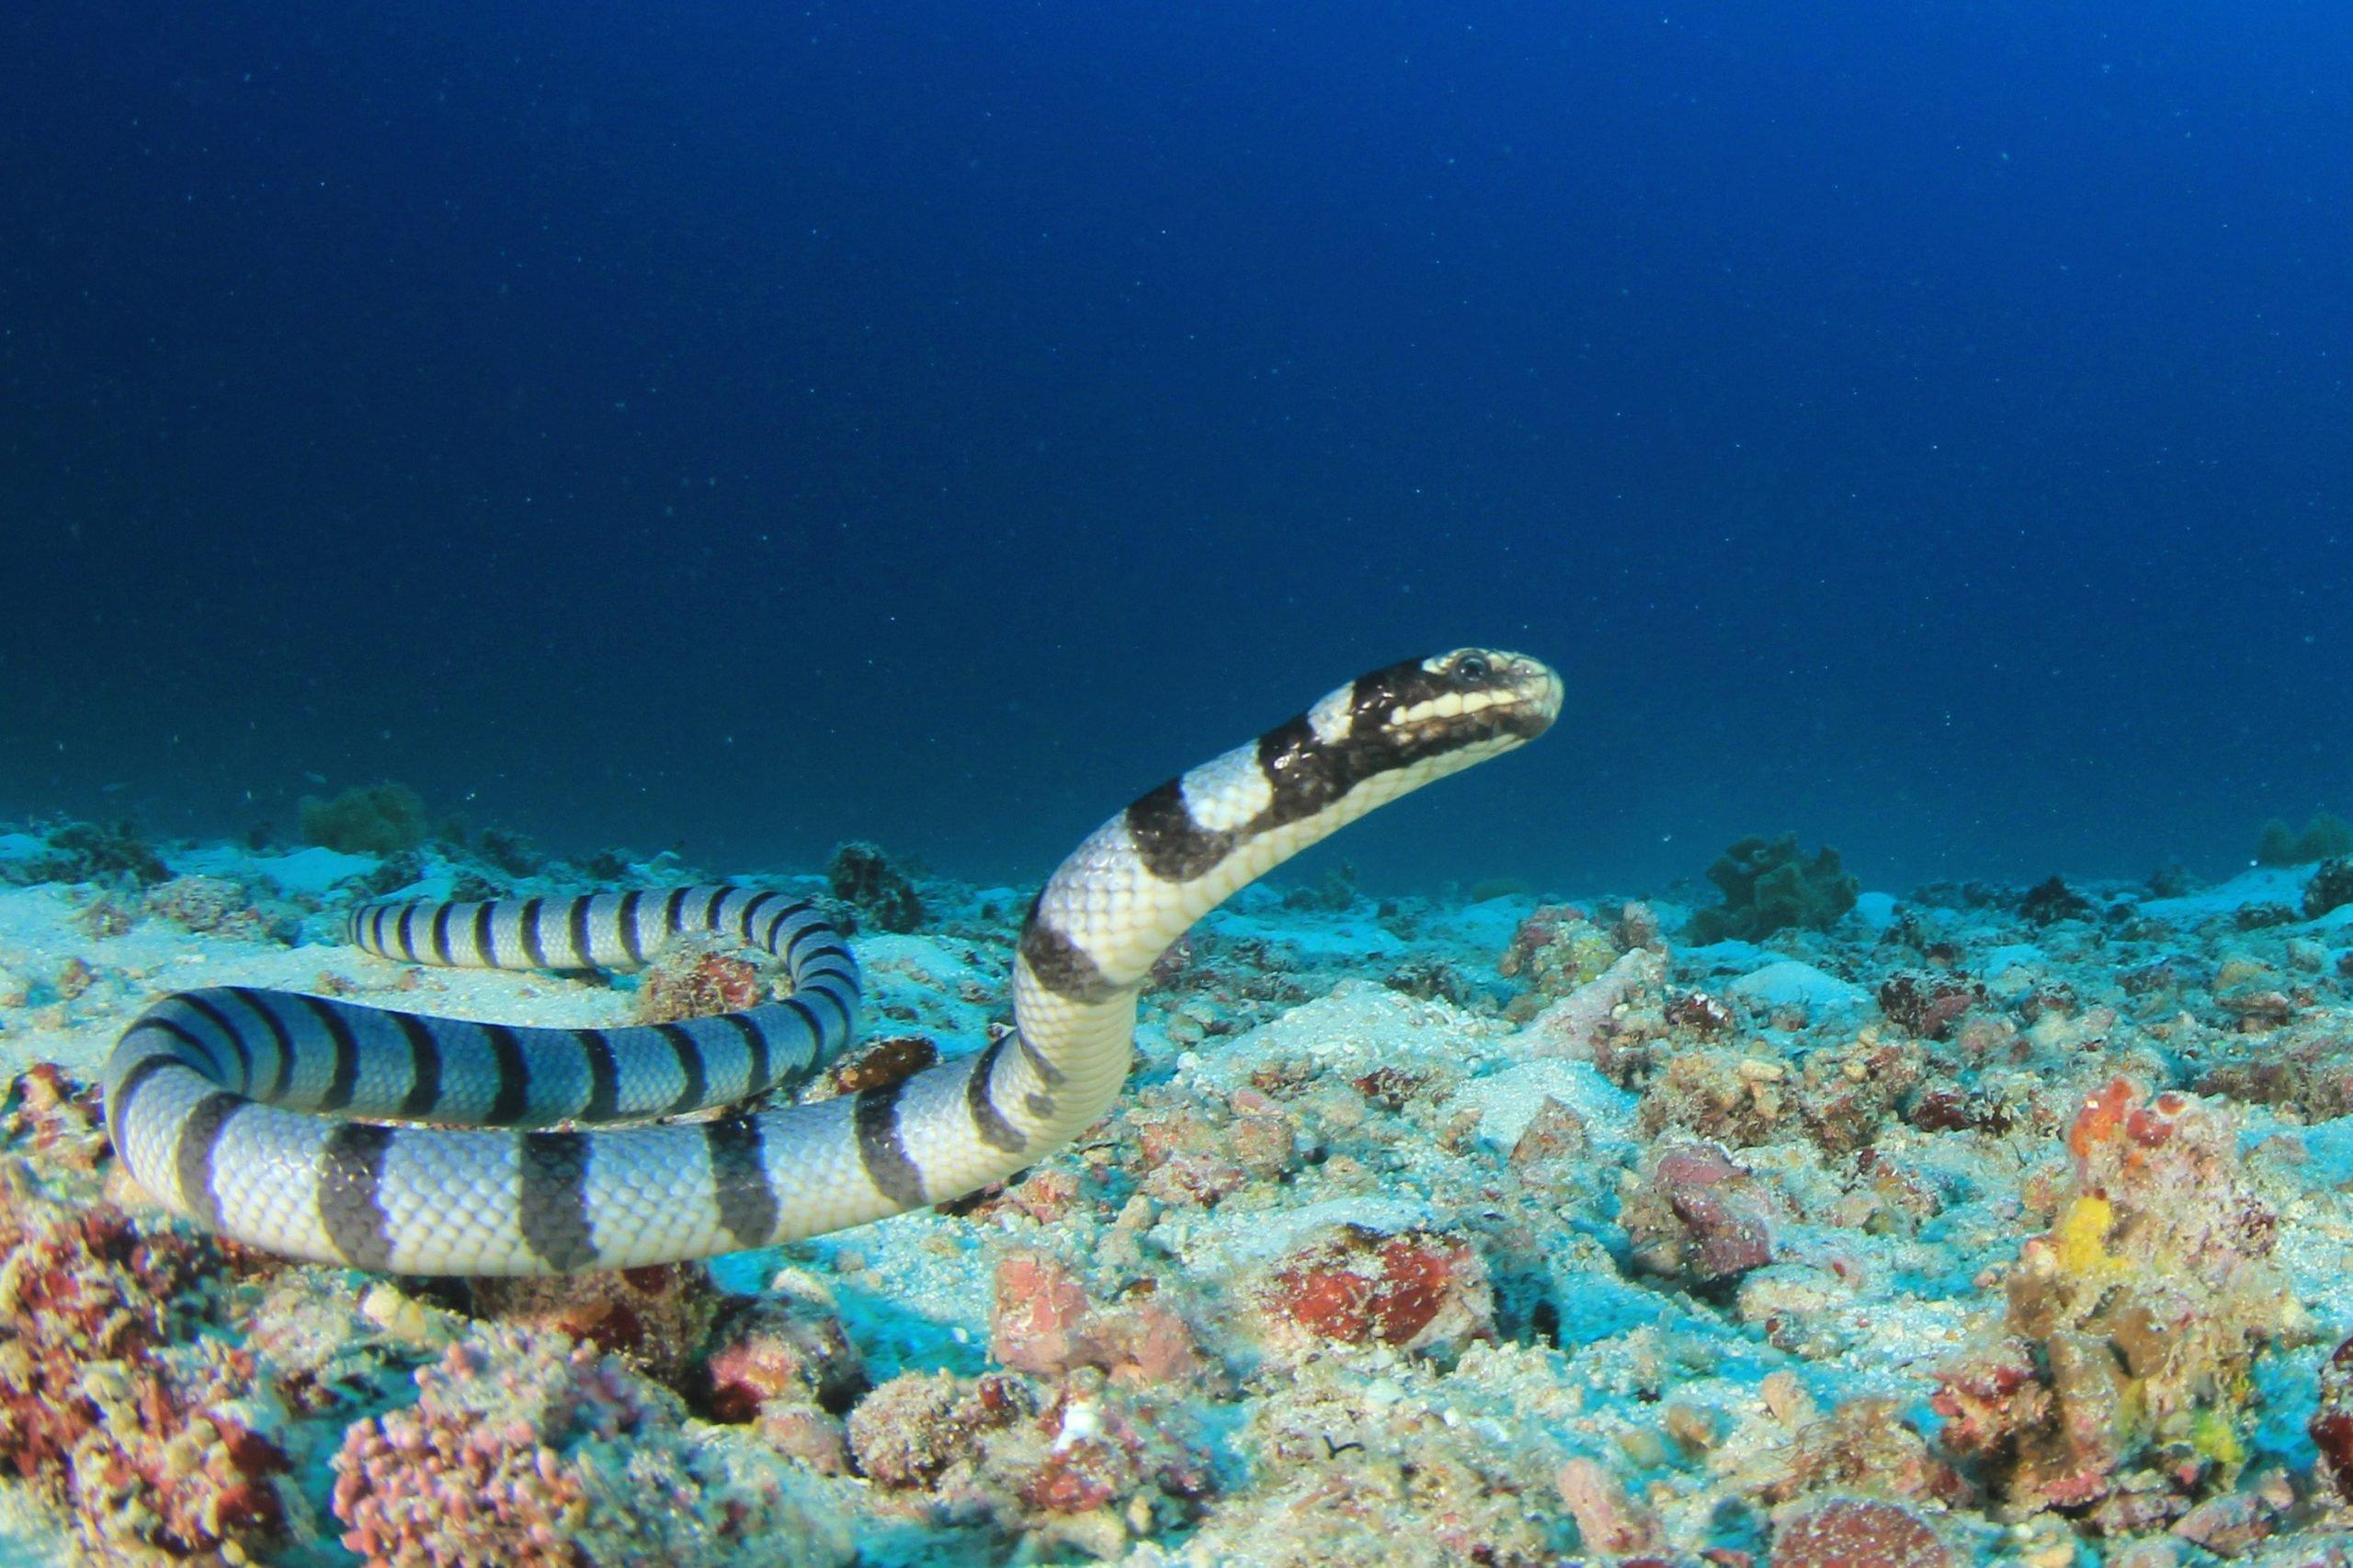 sea snakes diet